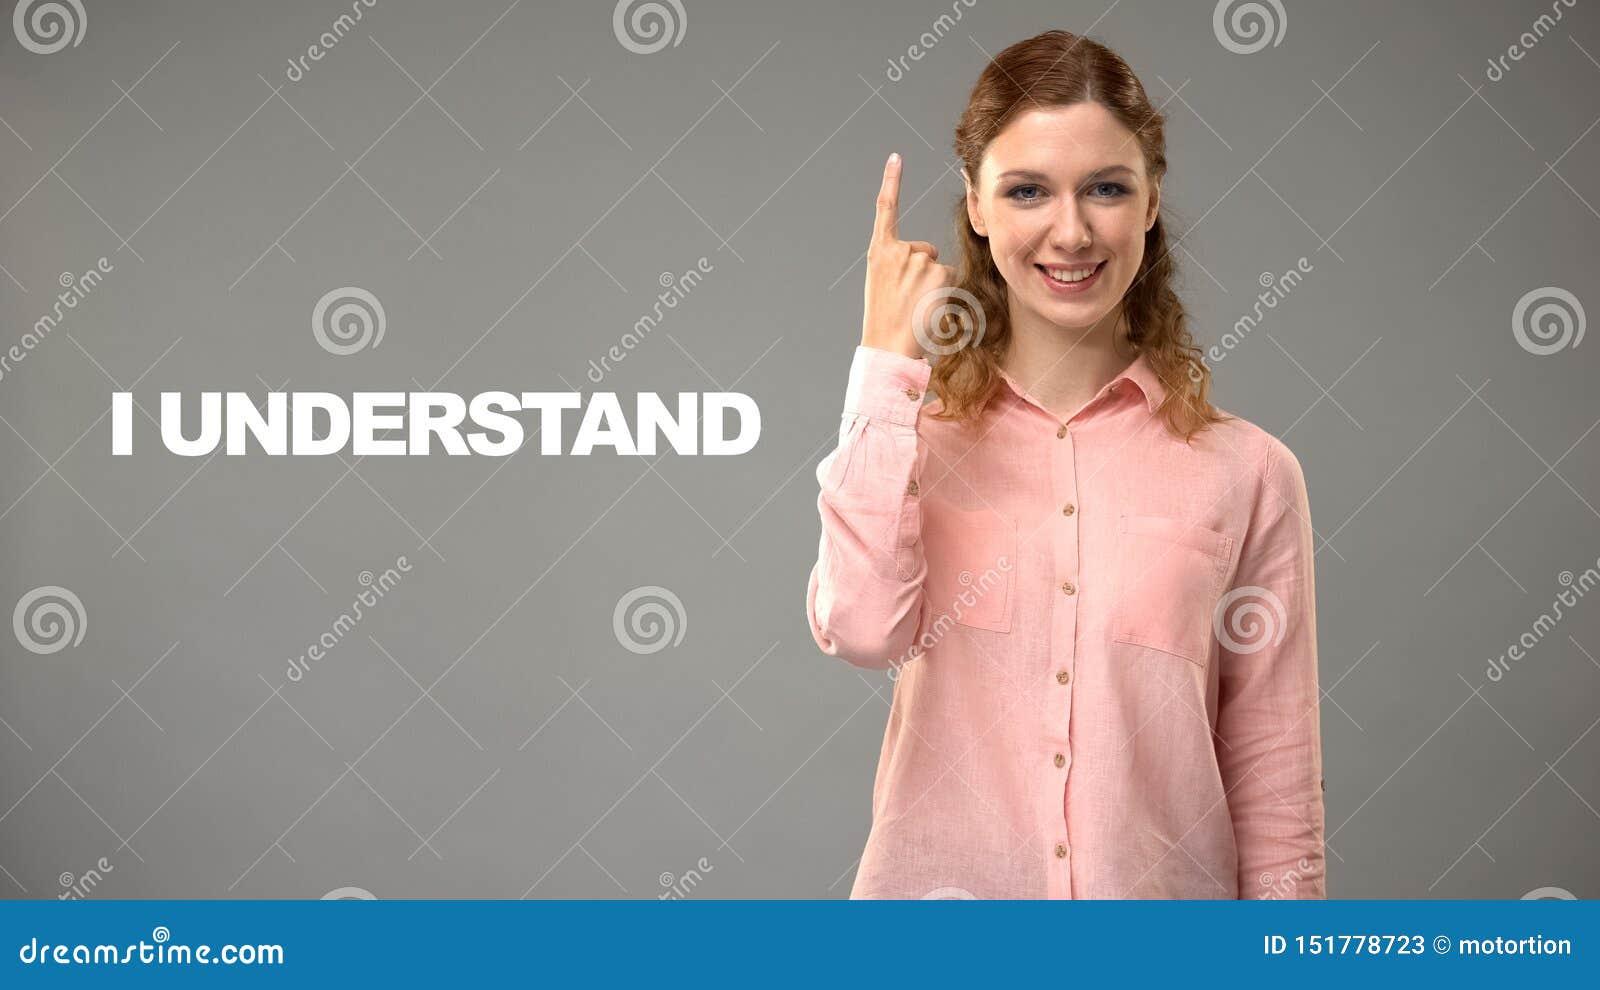 Lehrersprechen I verstehen in asl, Text auf Hintergrund, Kommunikation f?r taubes